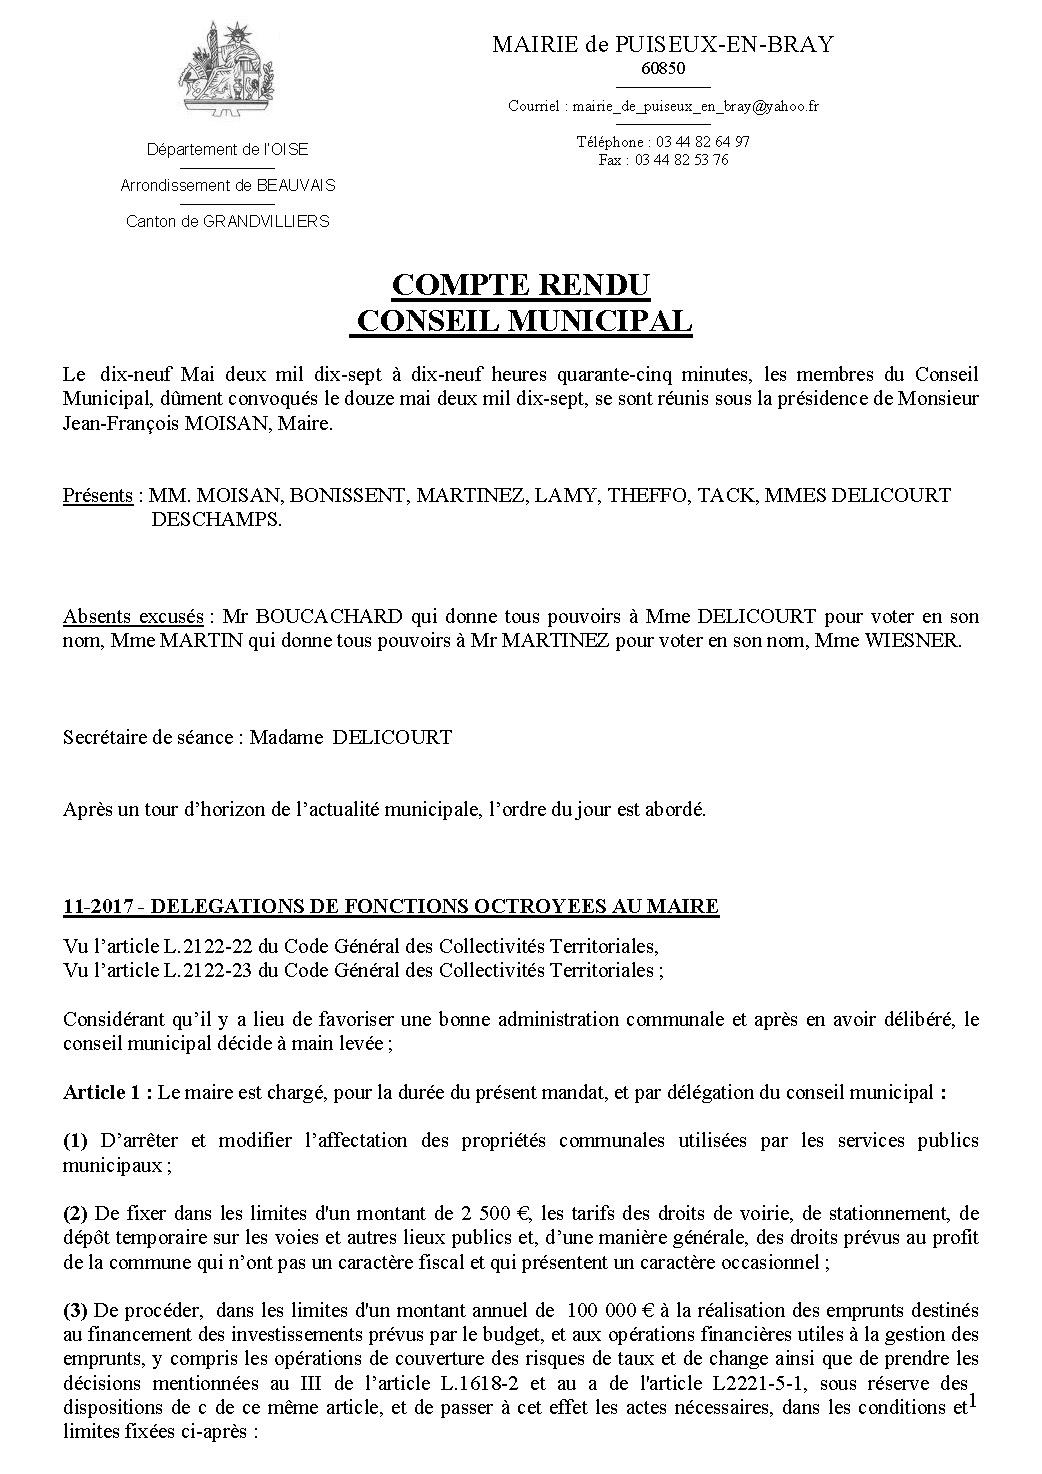 cr-du-19052017-page-1